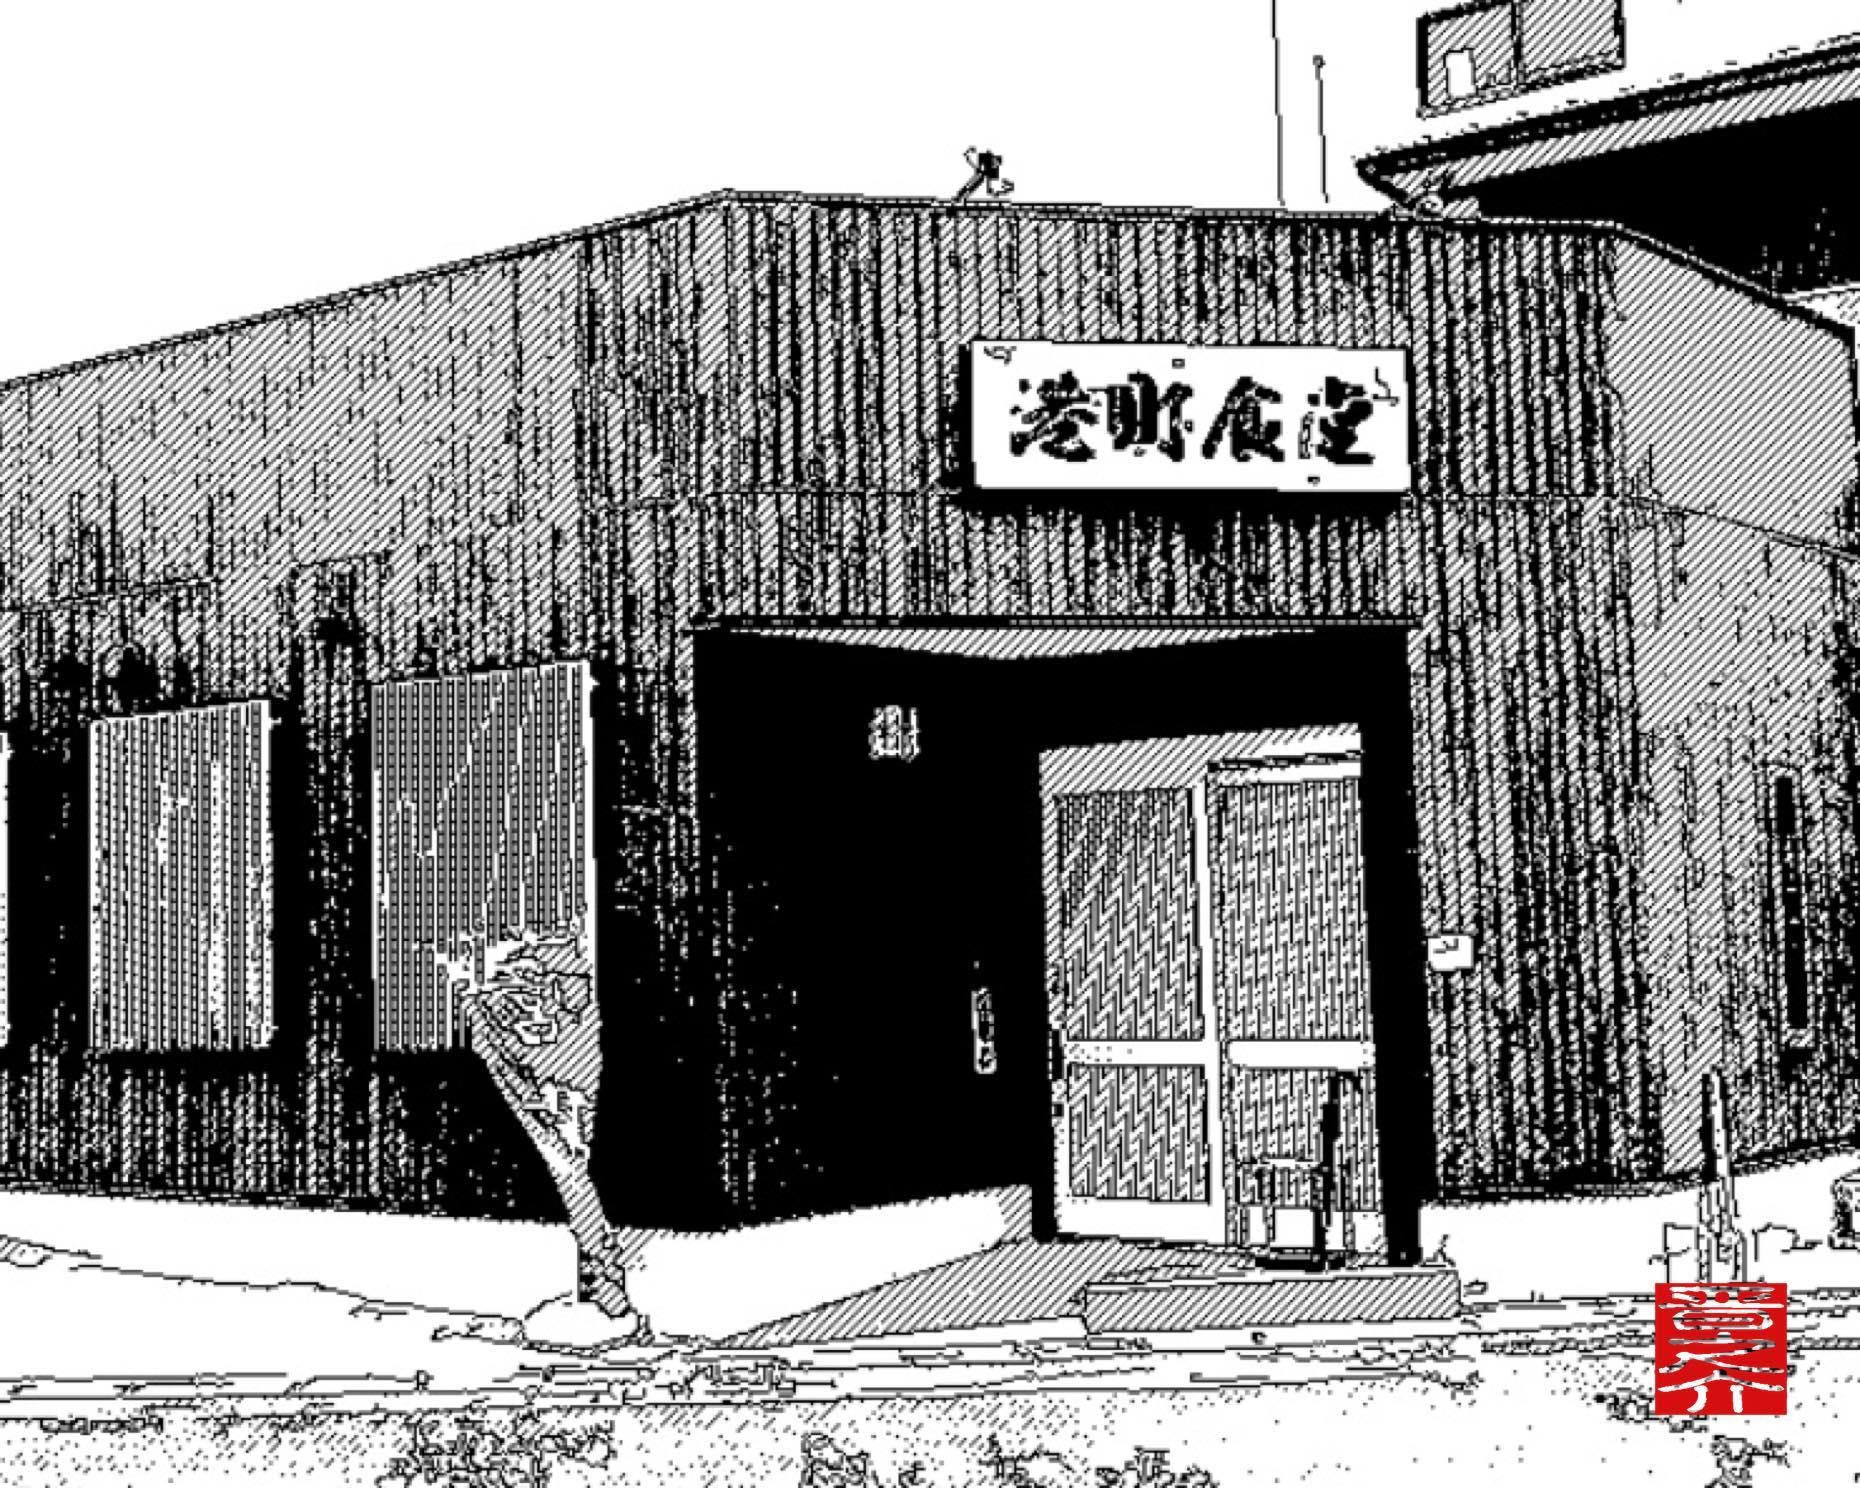 蒲郡の地の利を得た魚系ランチ(税込900円)に「お刺身」「茶碗蒸し」まで付いて魚好きには堪らんお店|港町食堂